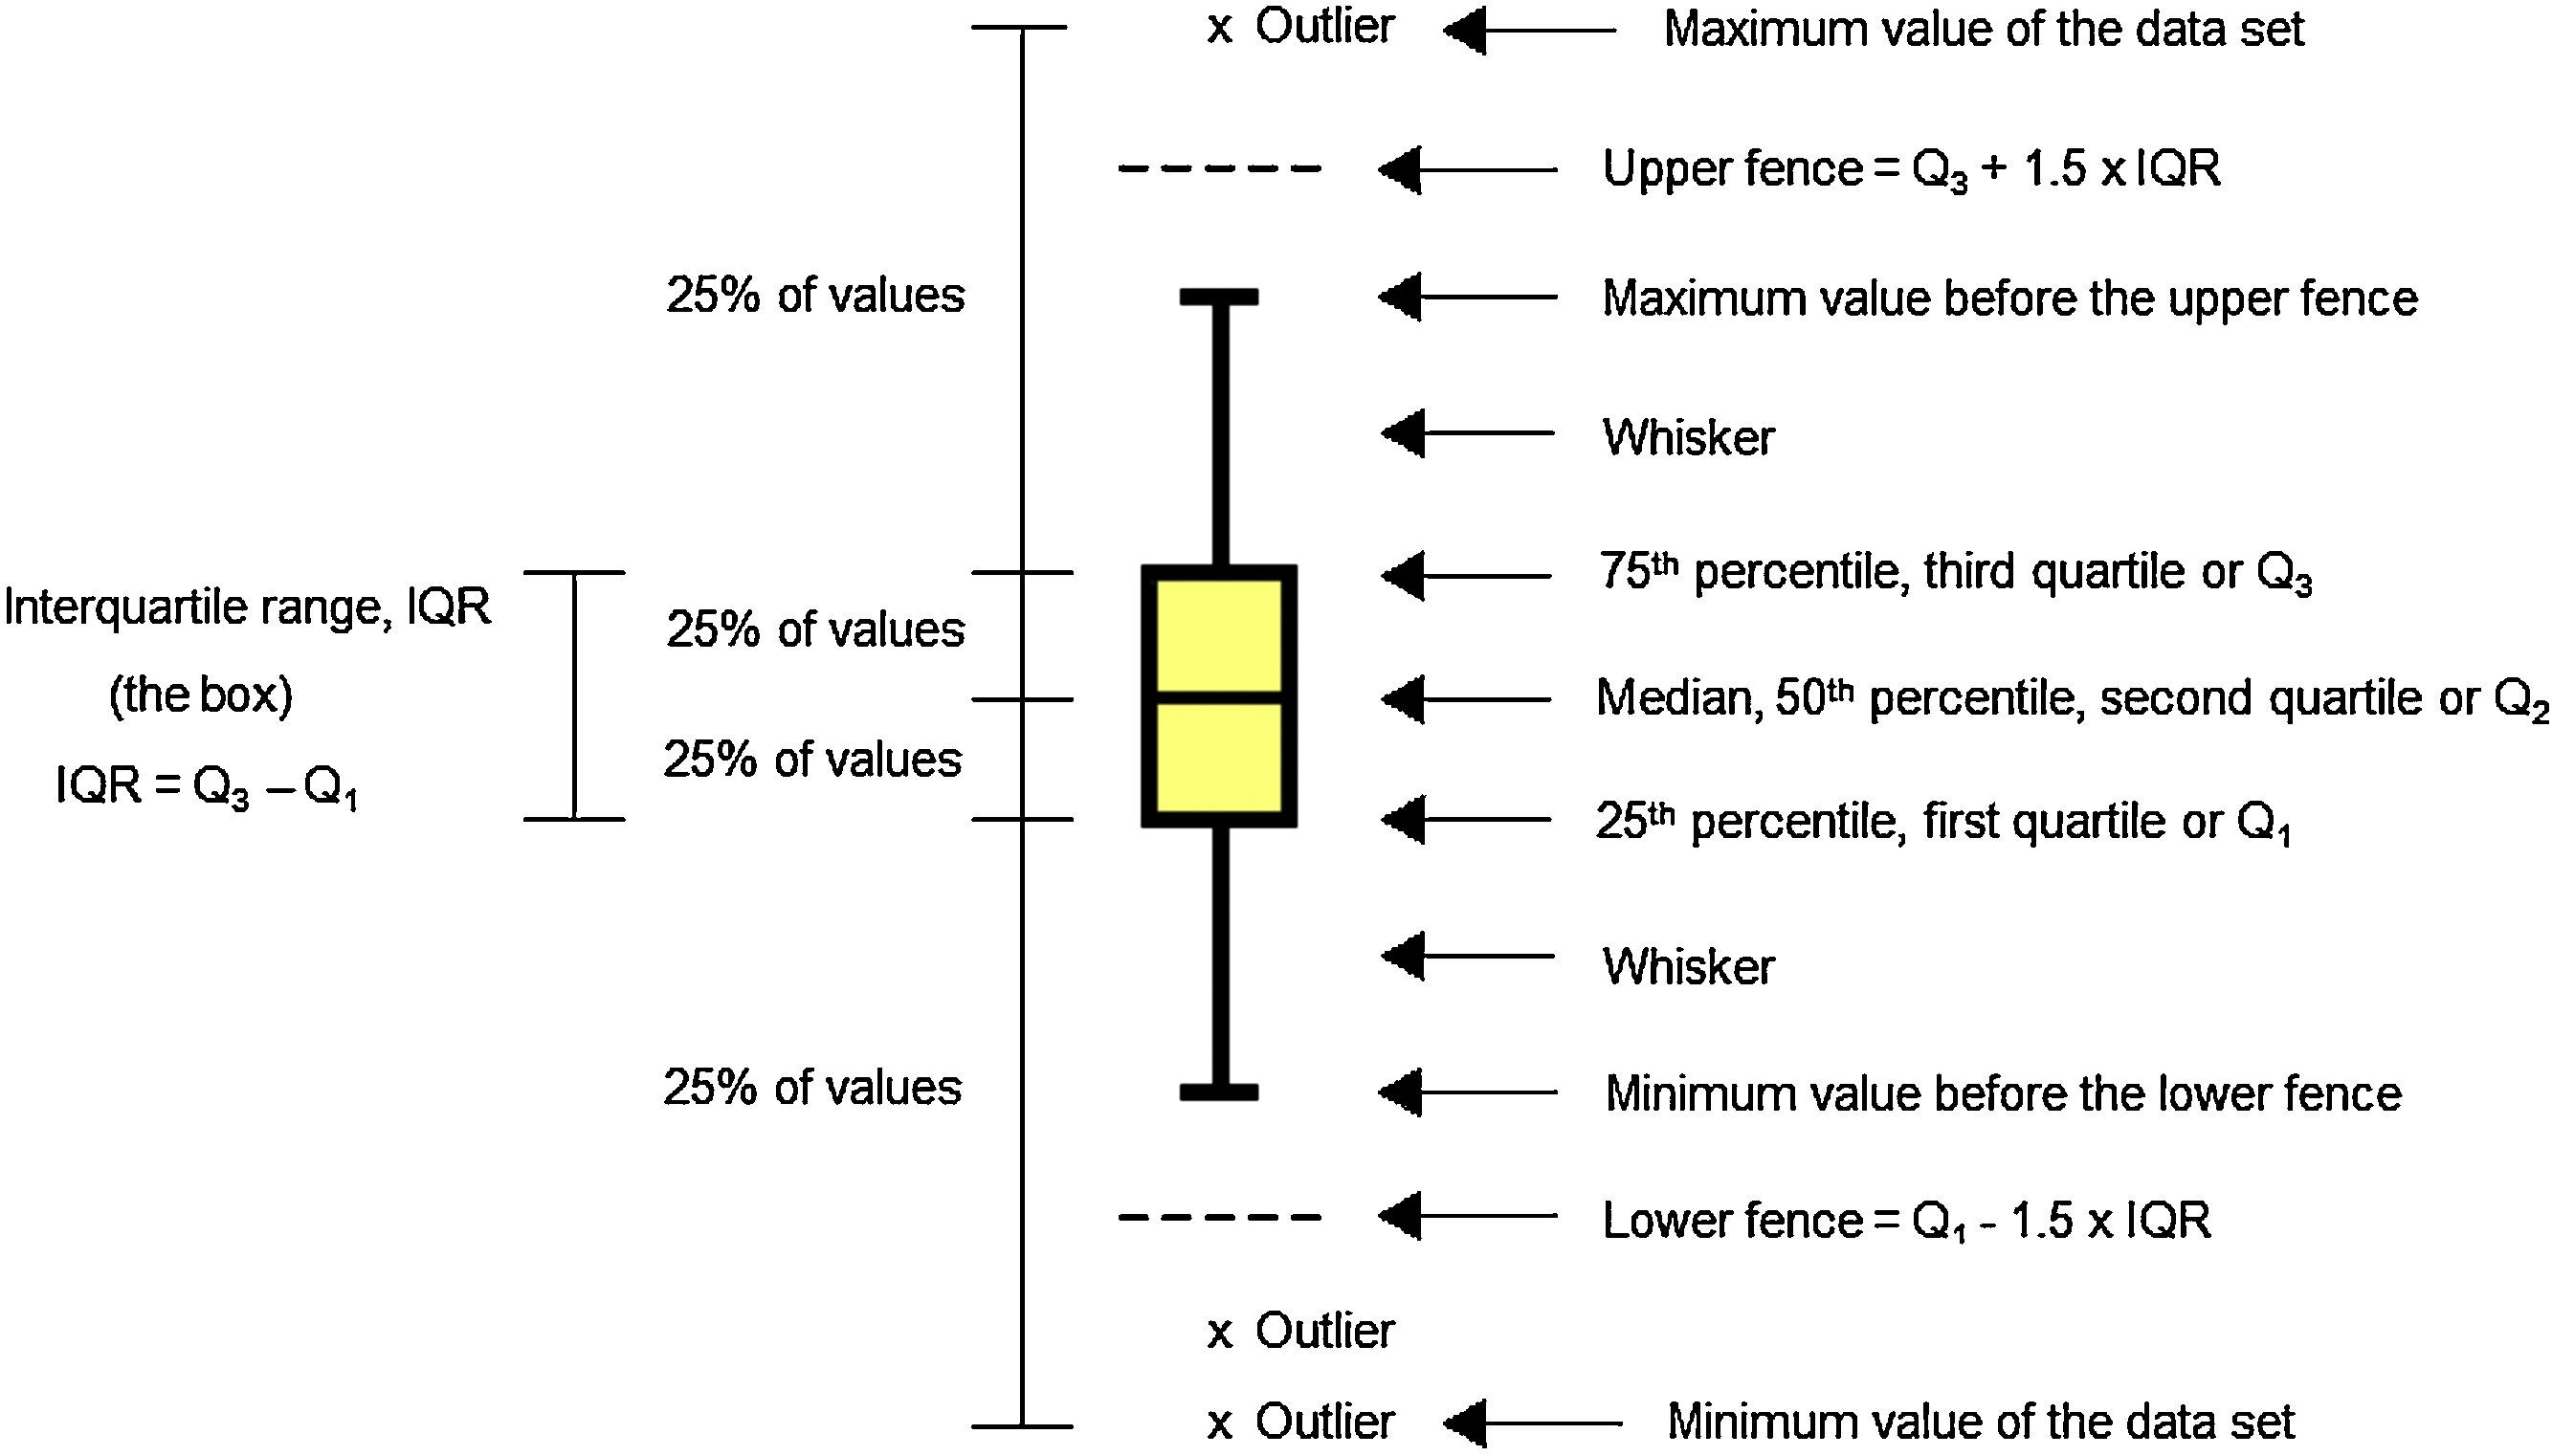 The main components of a boxplot median, quartiles